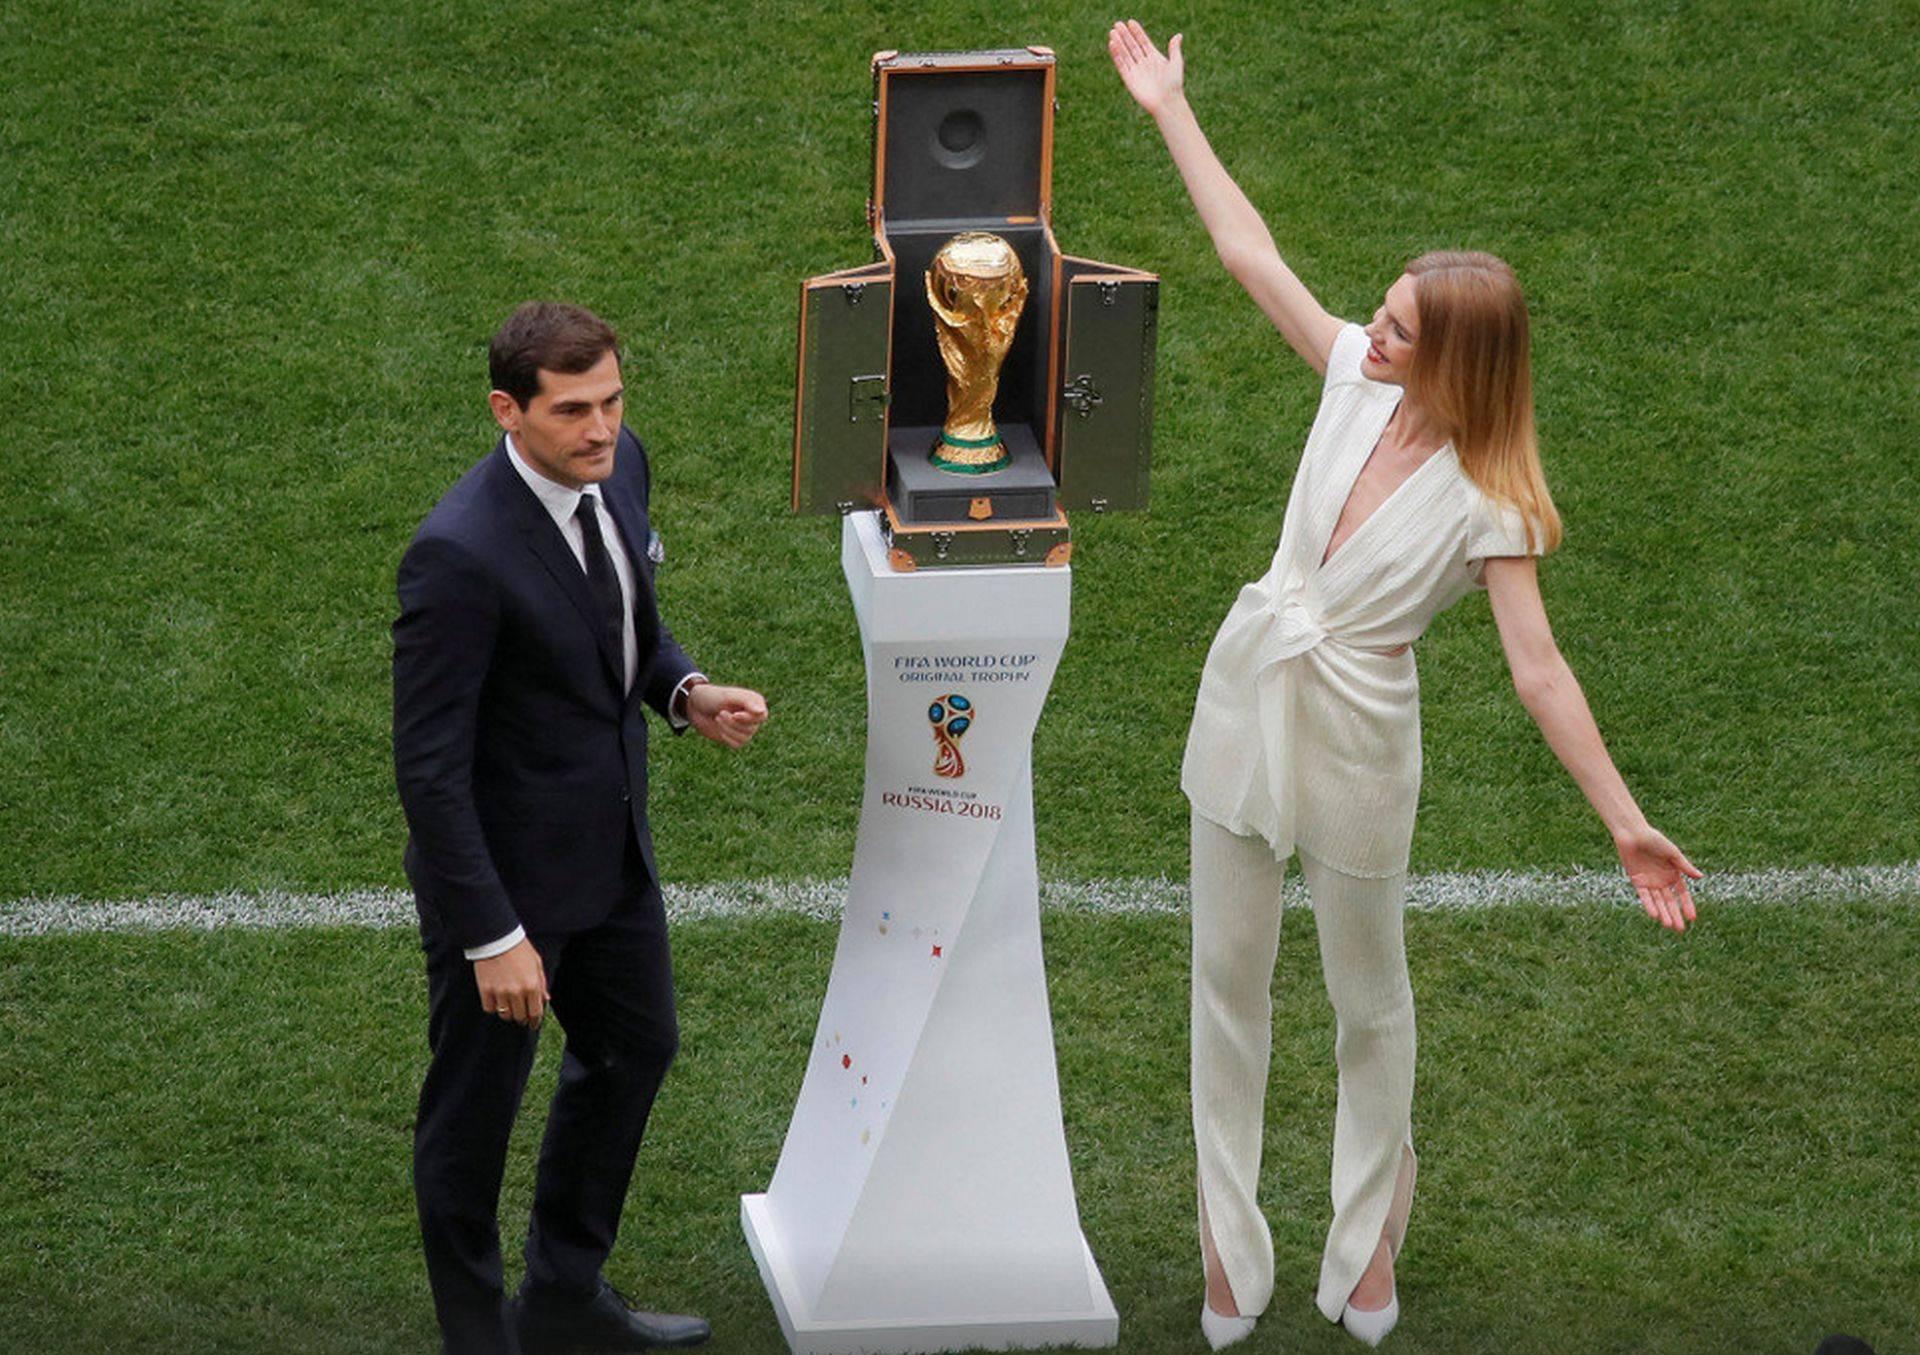 Lui Iker Casillas i s-a schimbat partenera de la Cupa Mondială. Robbie Williams, gest obscen de neînțeles!